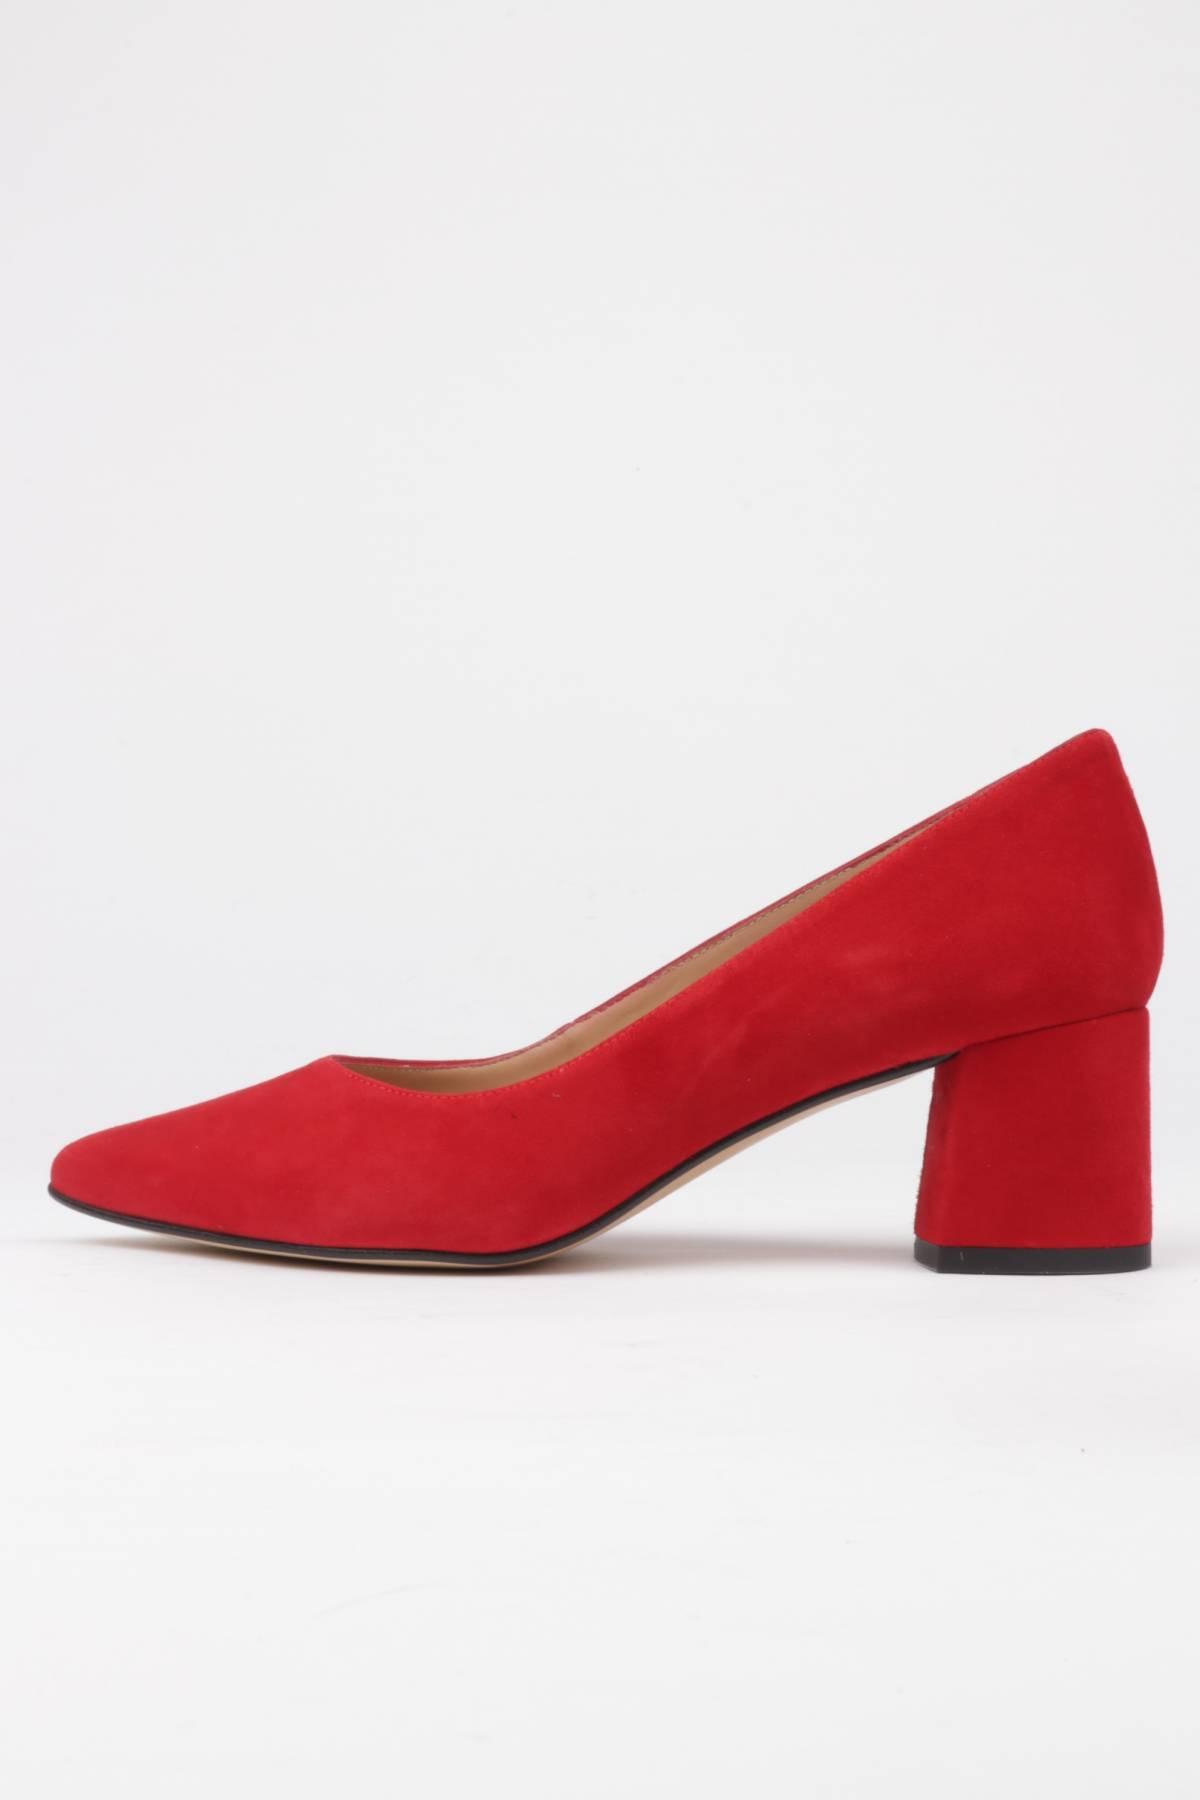 Wide heel pumps red suede